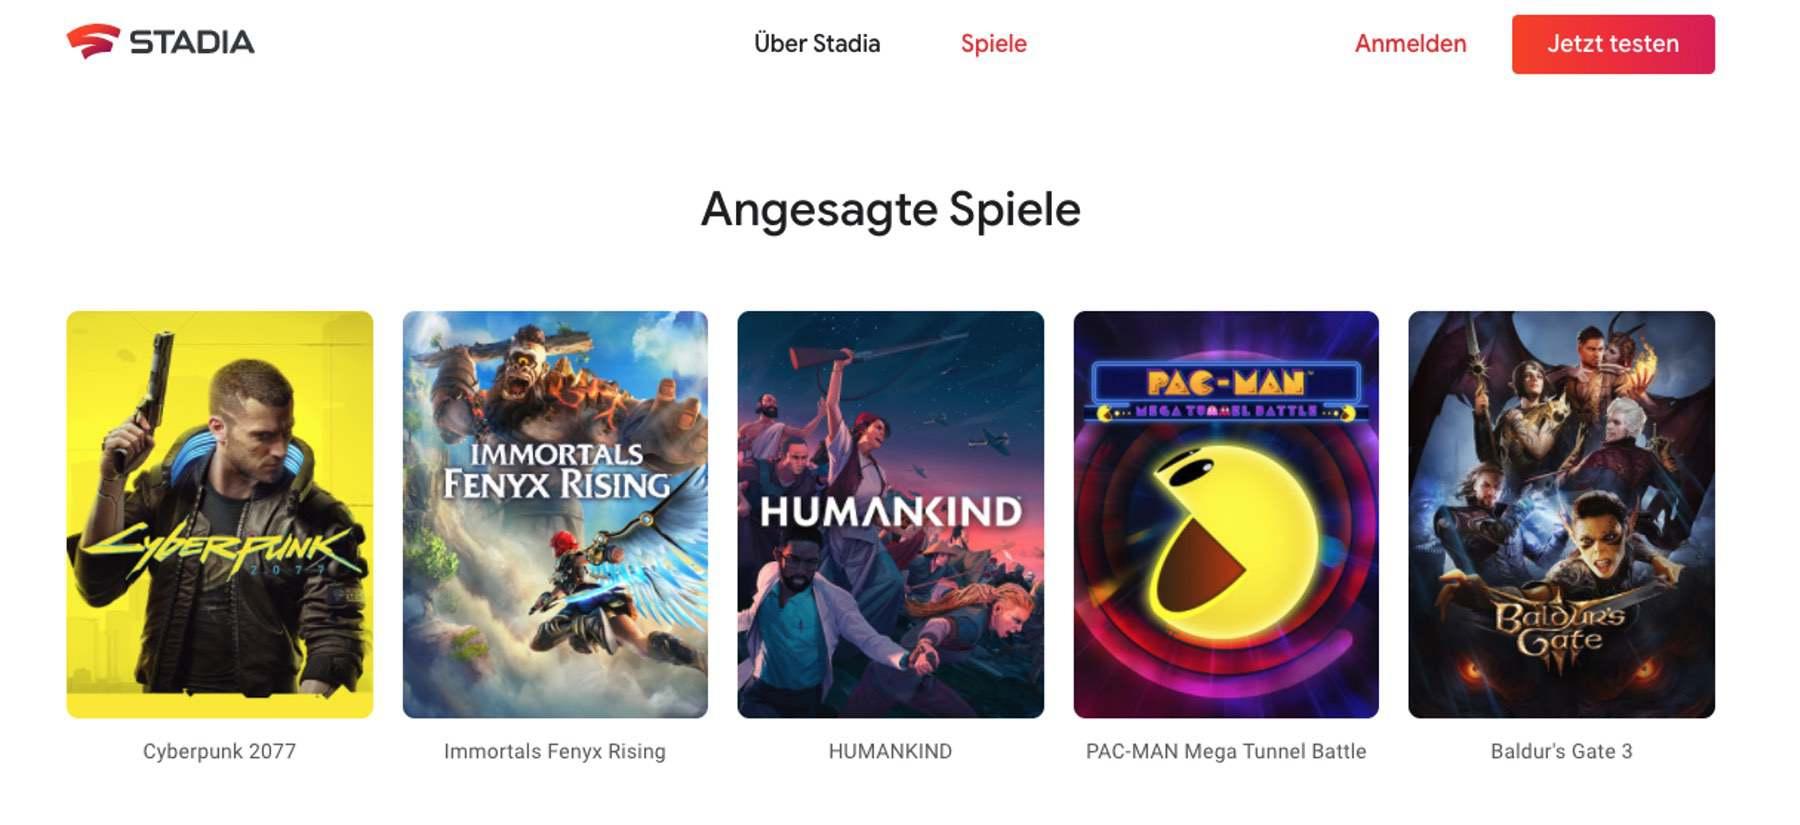 Diese Spiele kannst du mit Google Stadia spielen